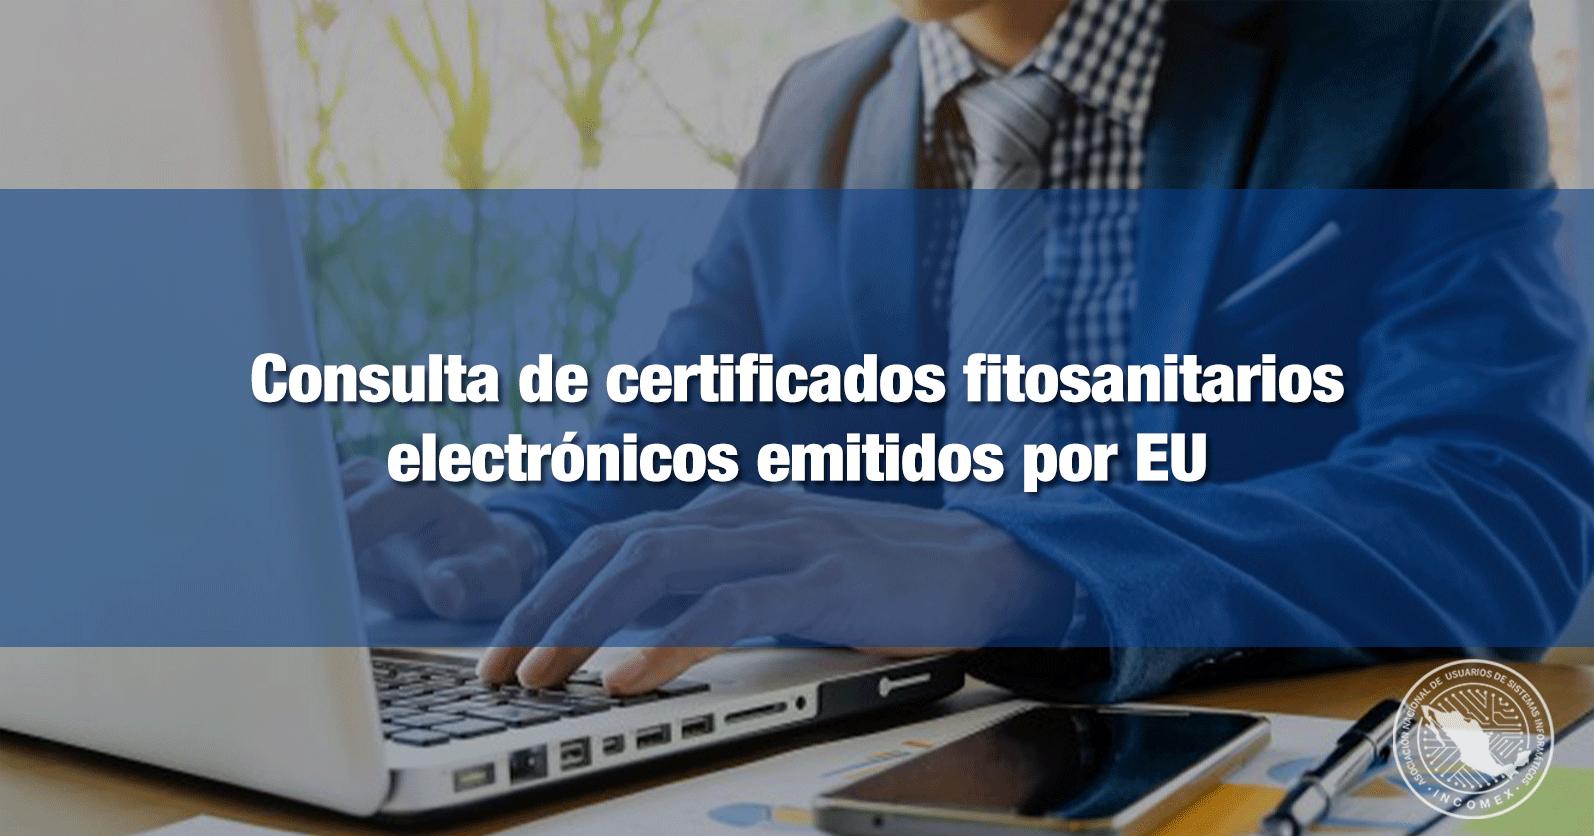 Consulta de certificados fitosanitarios electrónicos emitidos por EU